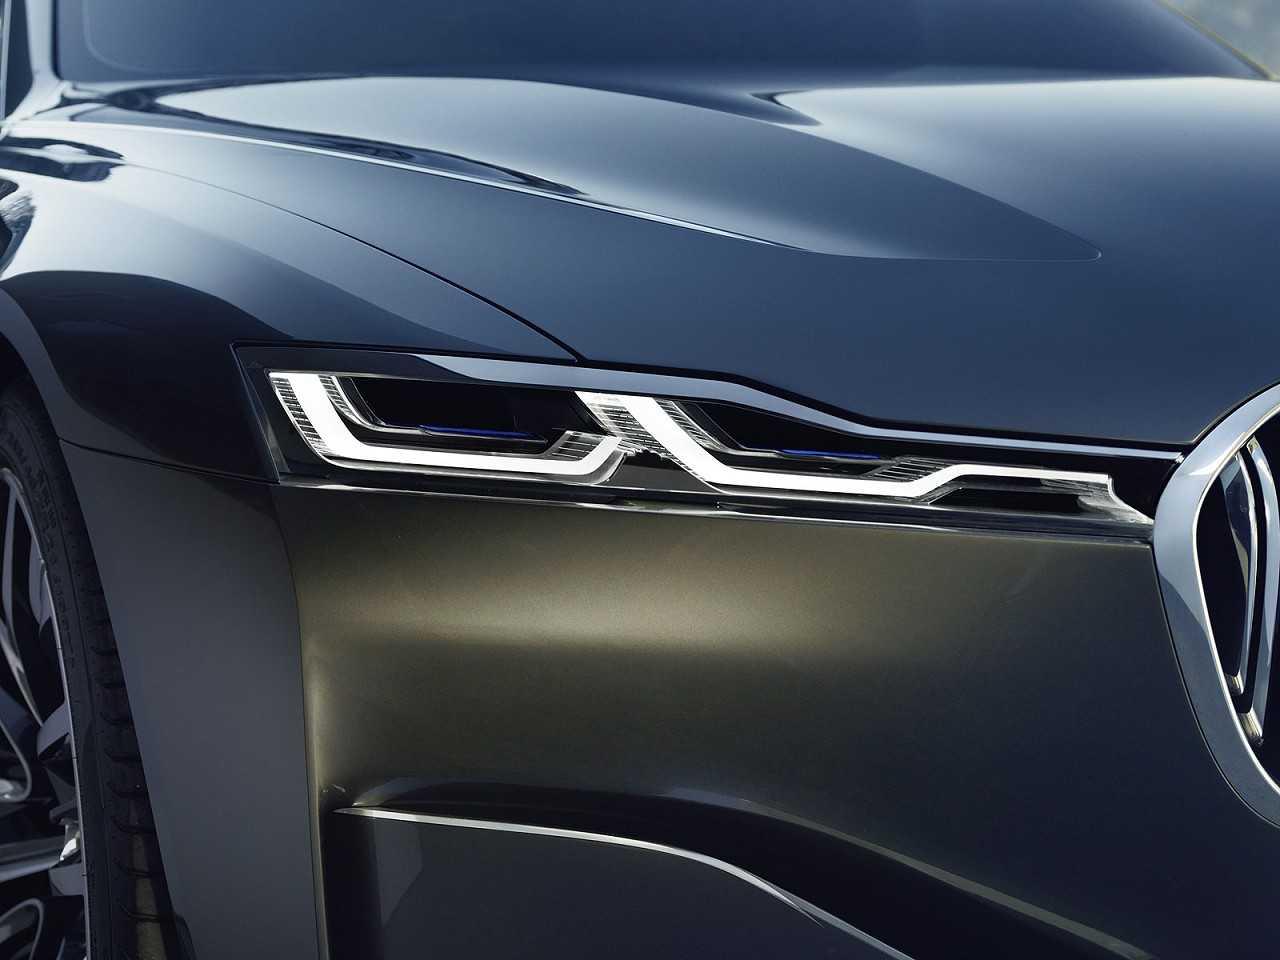 Nos carros mais modernos, a luz diurna geralmente é em LED